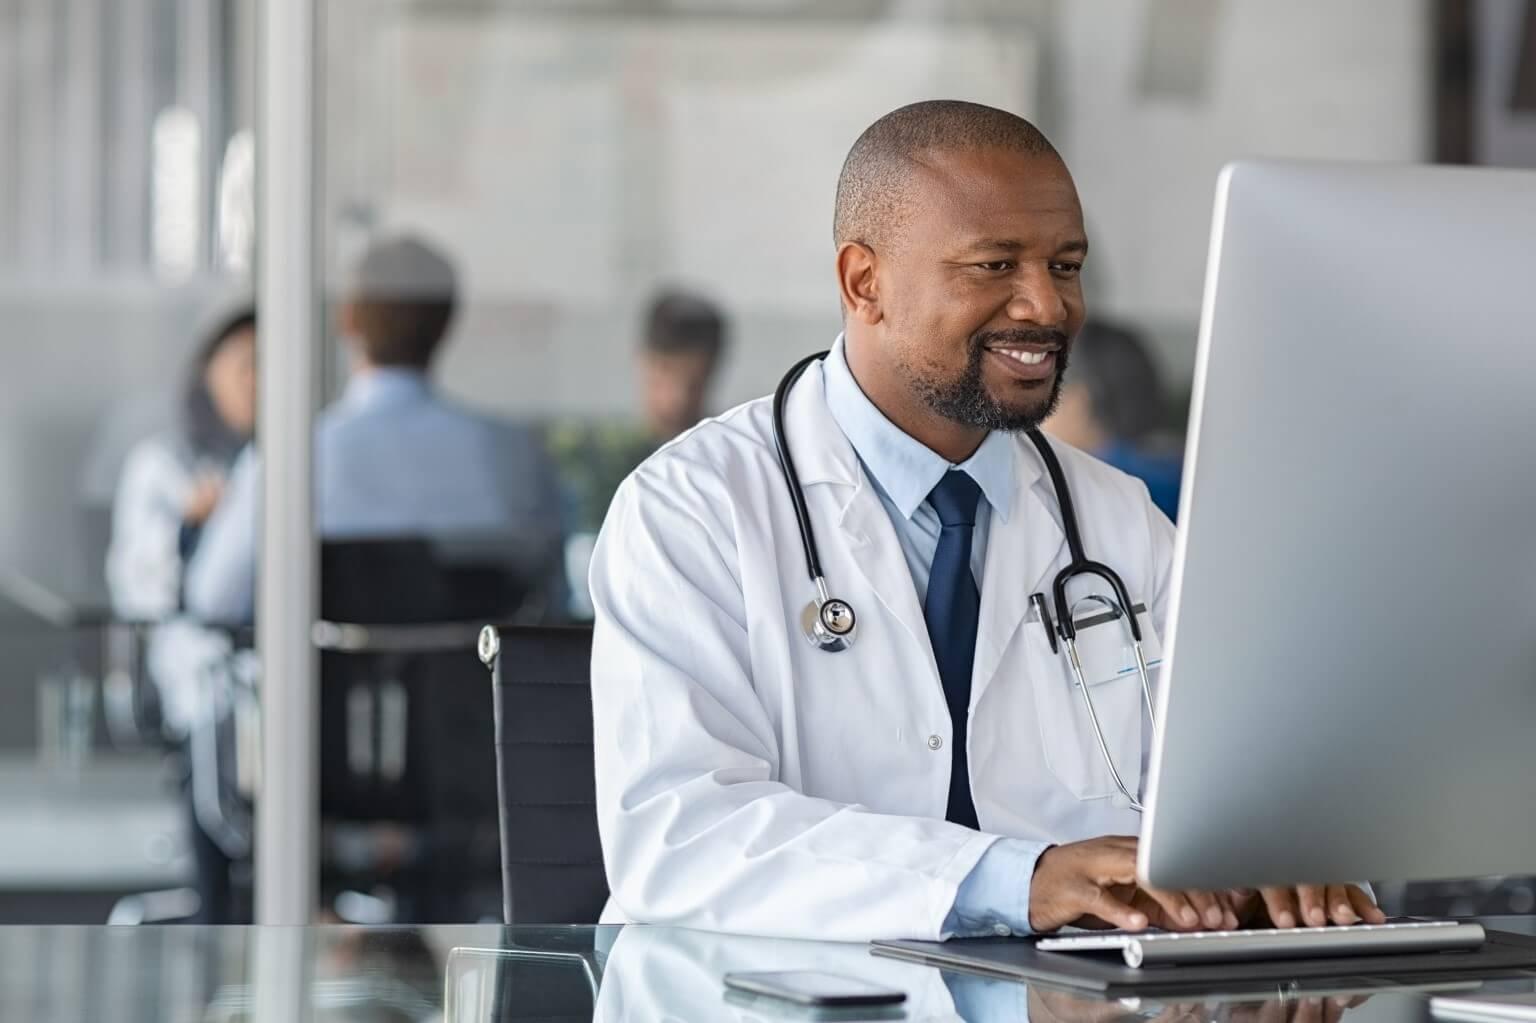 Doctor using EMR